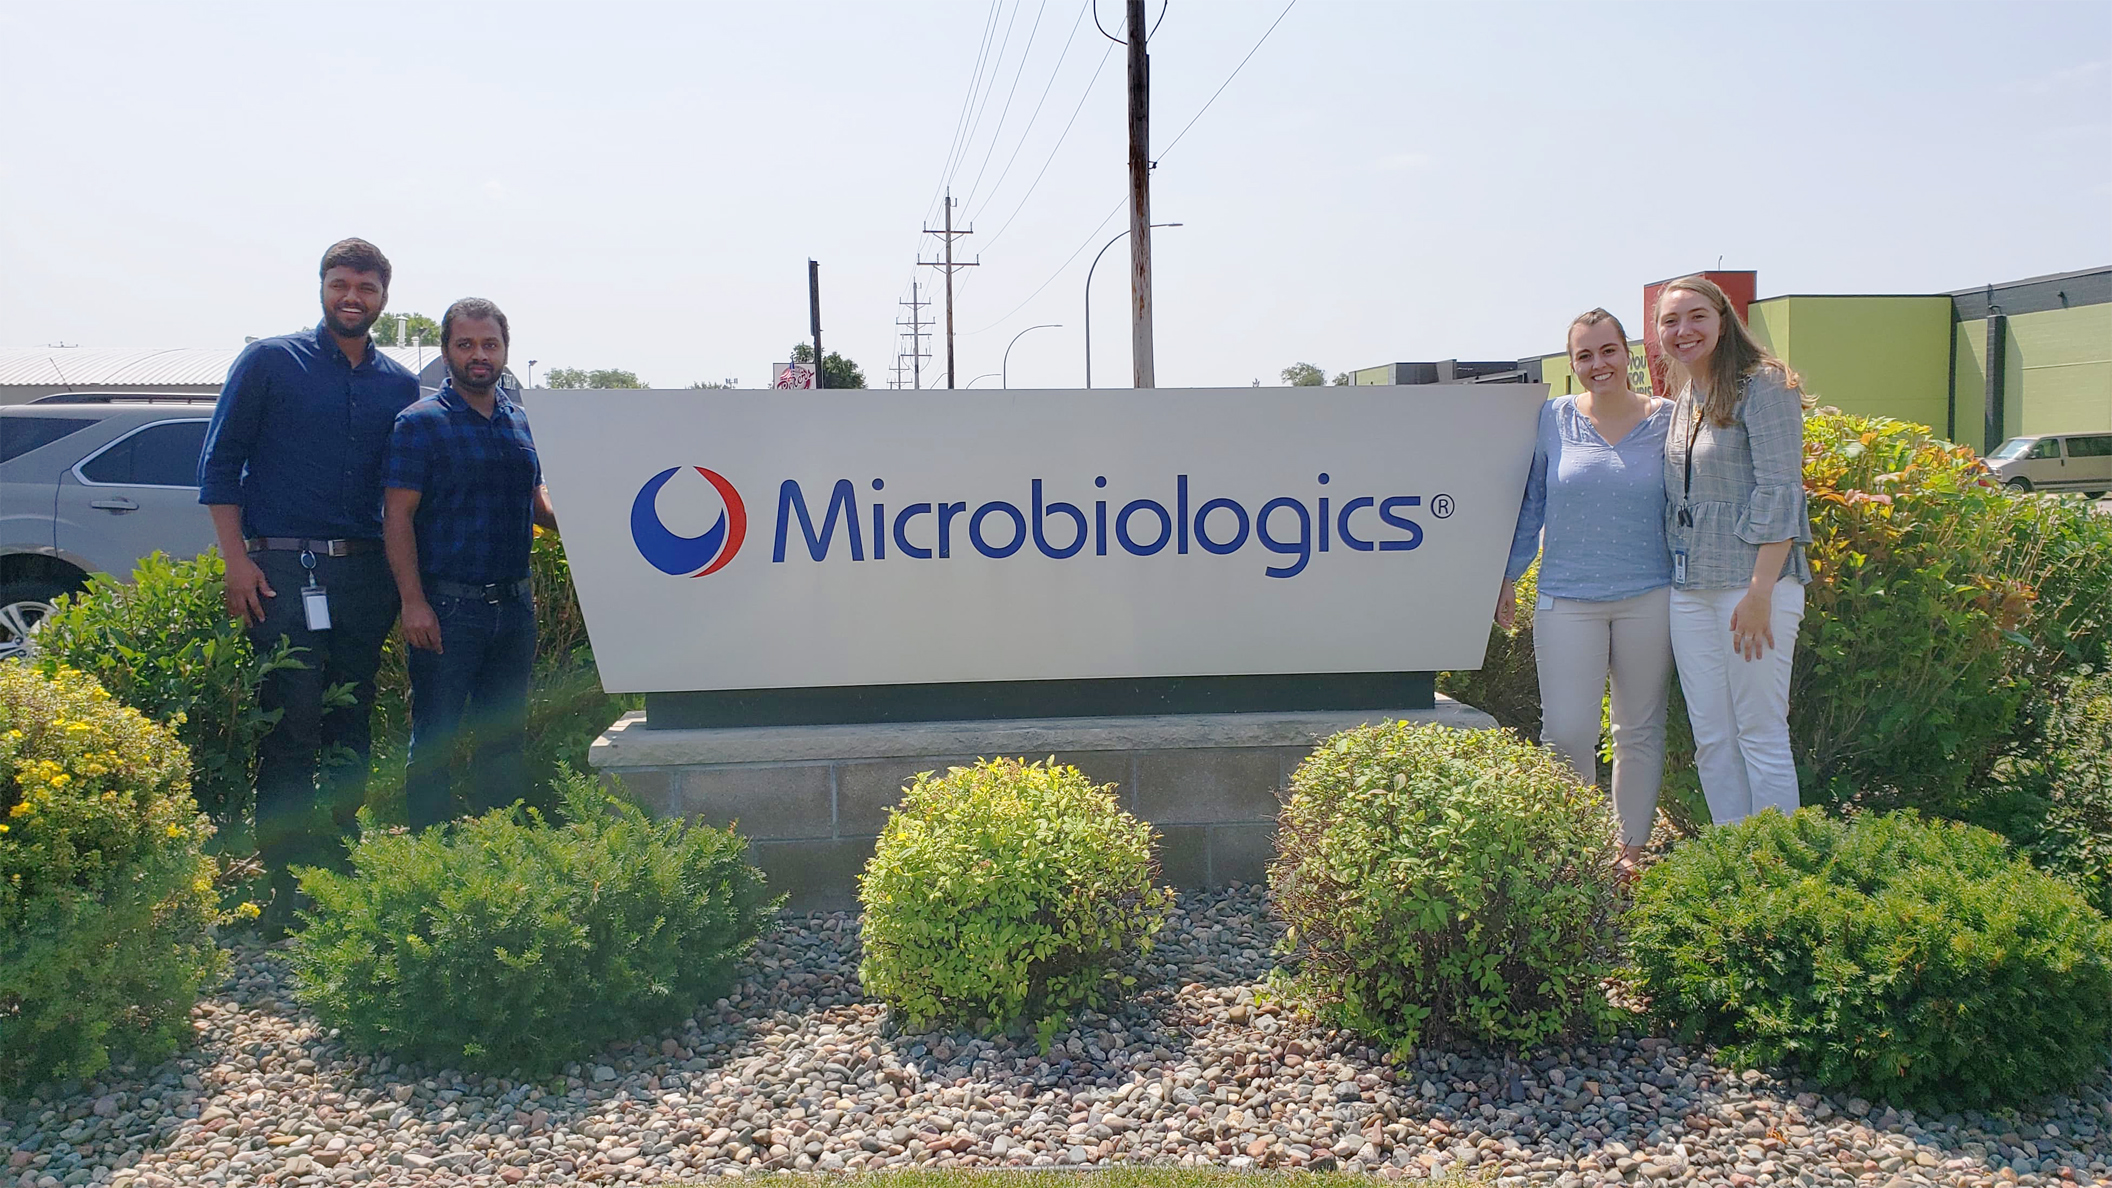 SciTech, SciTechsperience, STEM, internship, STEM internship, paid internship, Minnesota, MN, Microbiologics, workforce